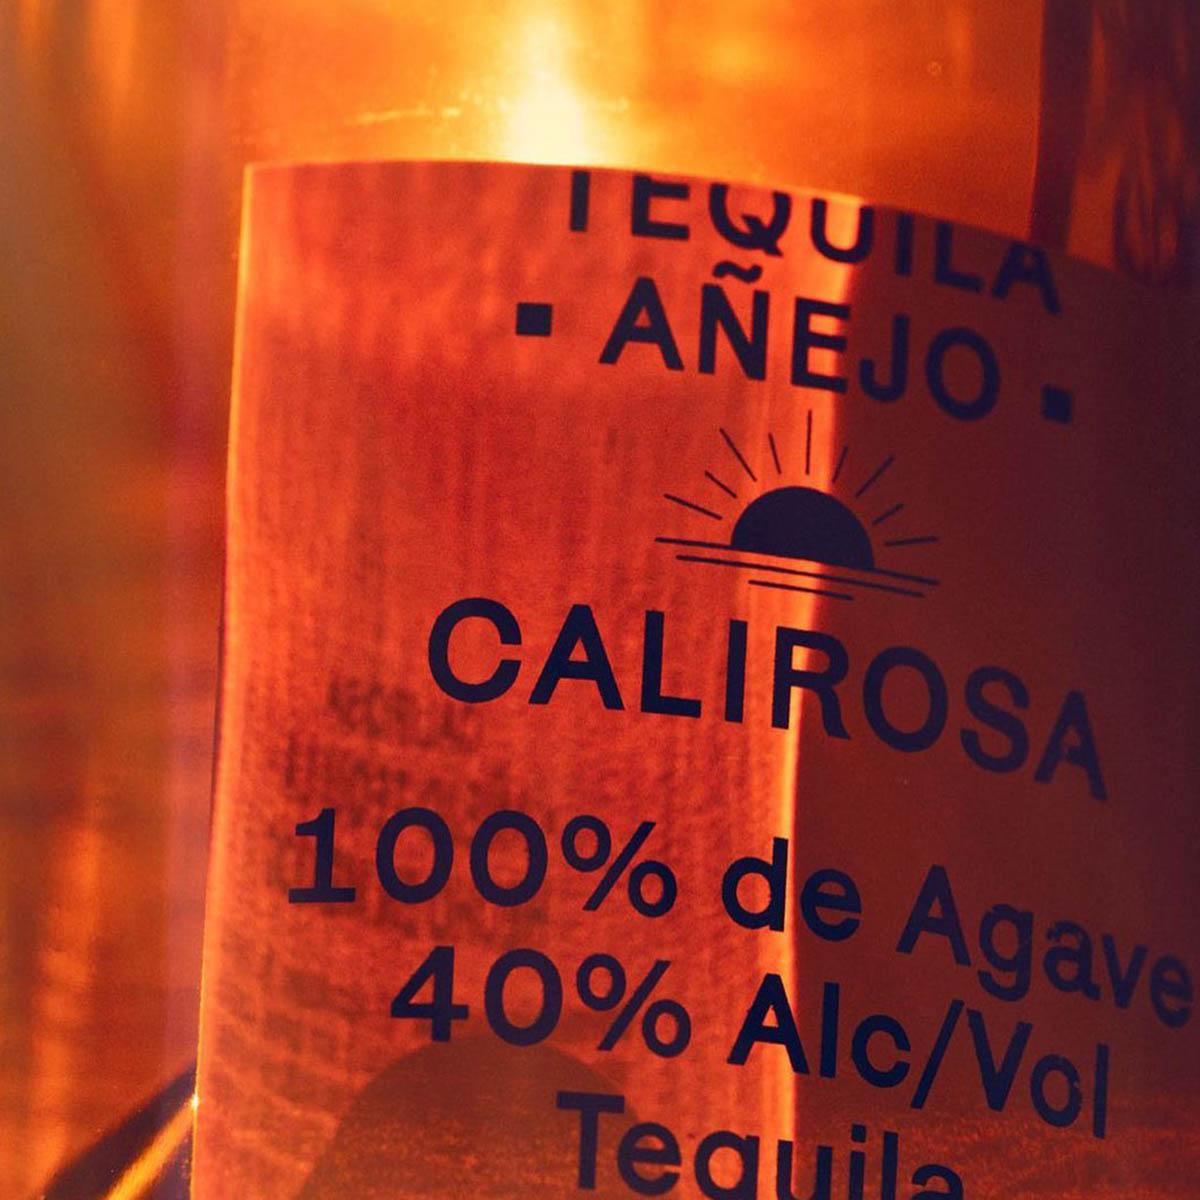 Calirosa Rosa Blanco Tequila and Calirosa Añejo Tequila